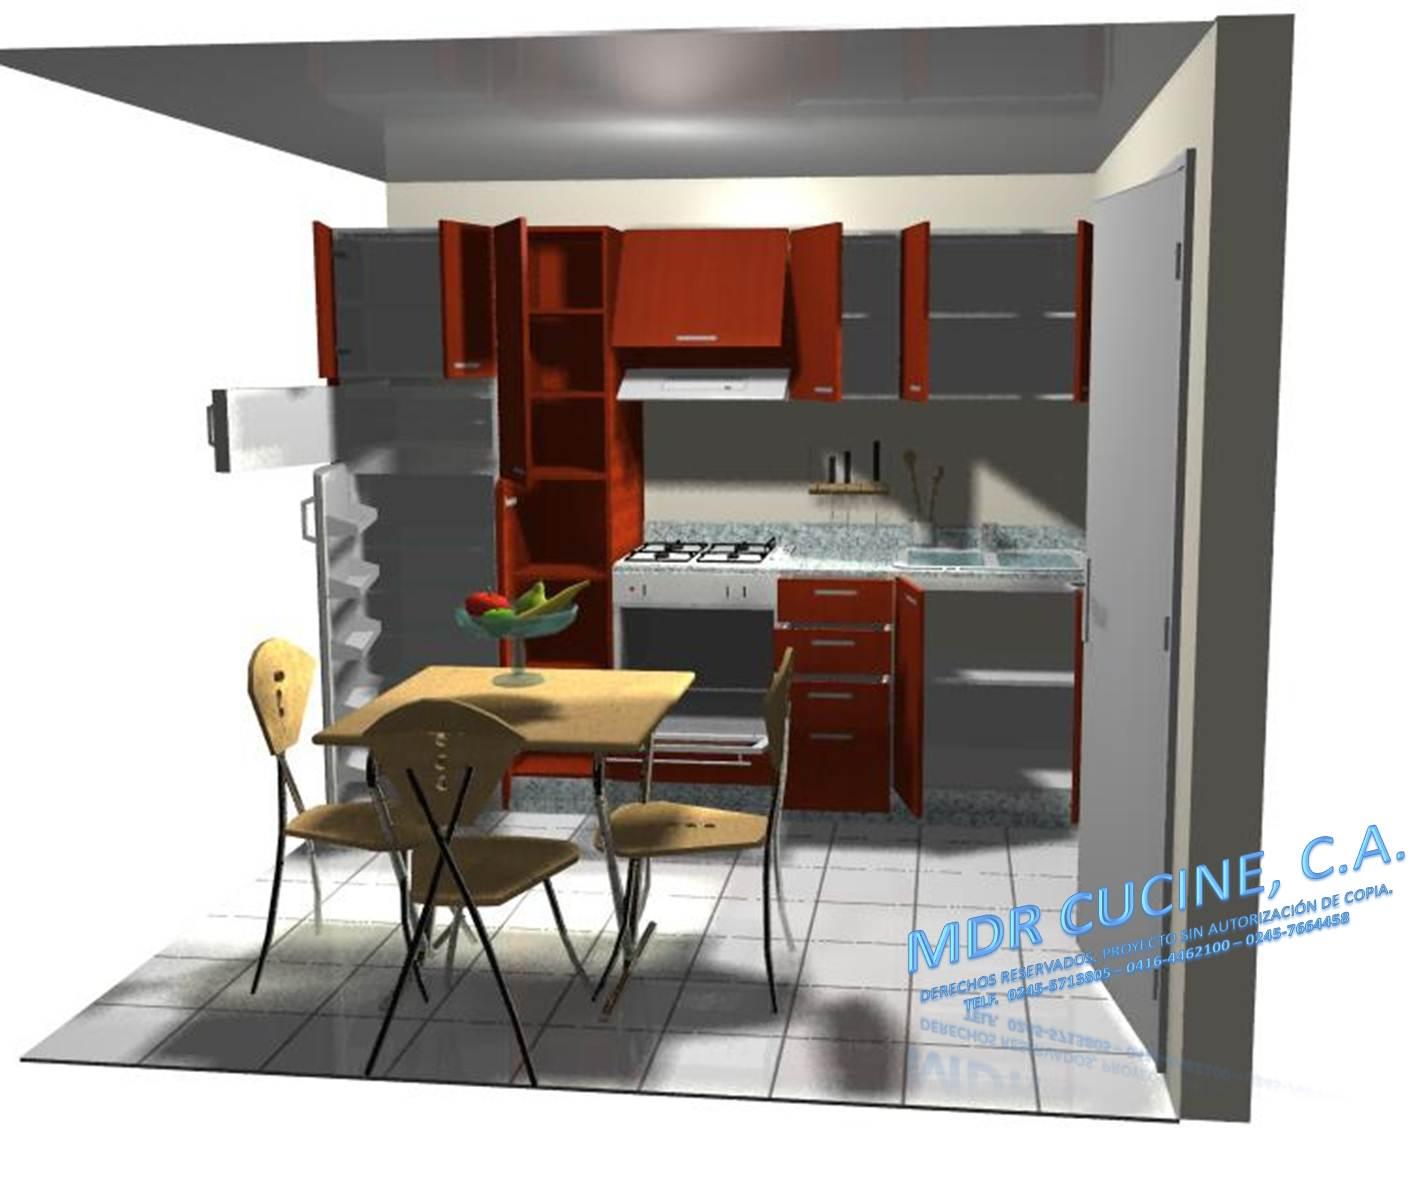 Mdr cucine dise os nuestras cocinas funcionales a precios for Cocinas precios fabrica